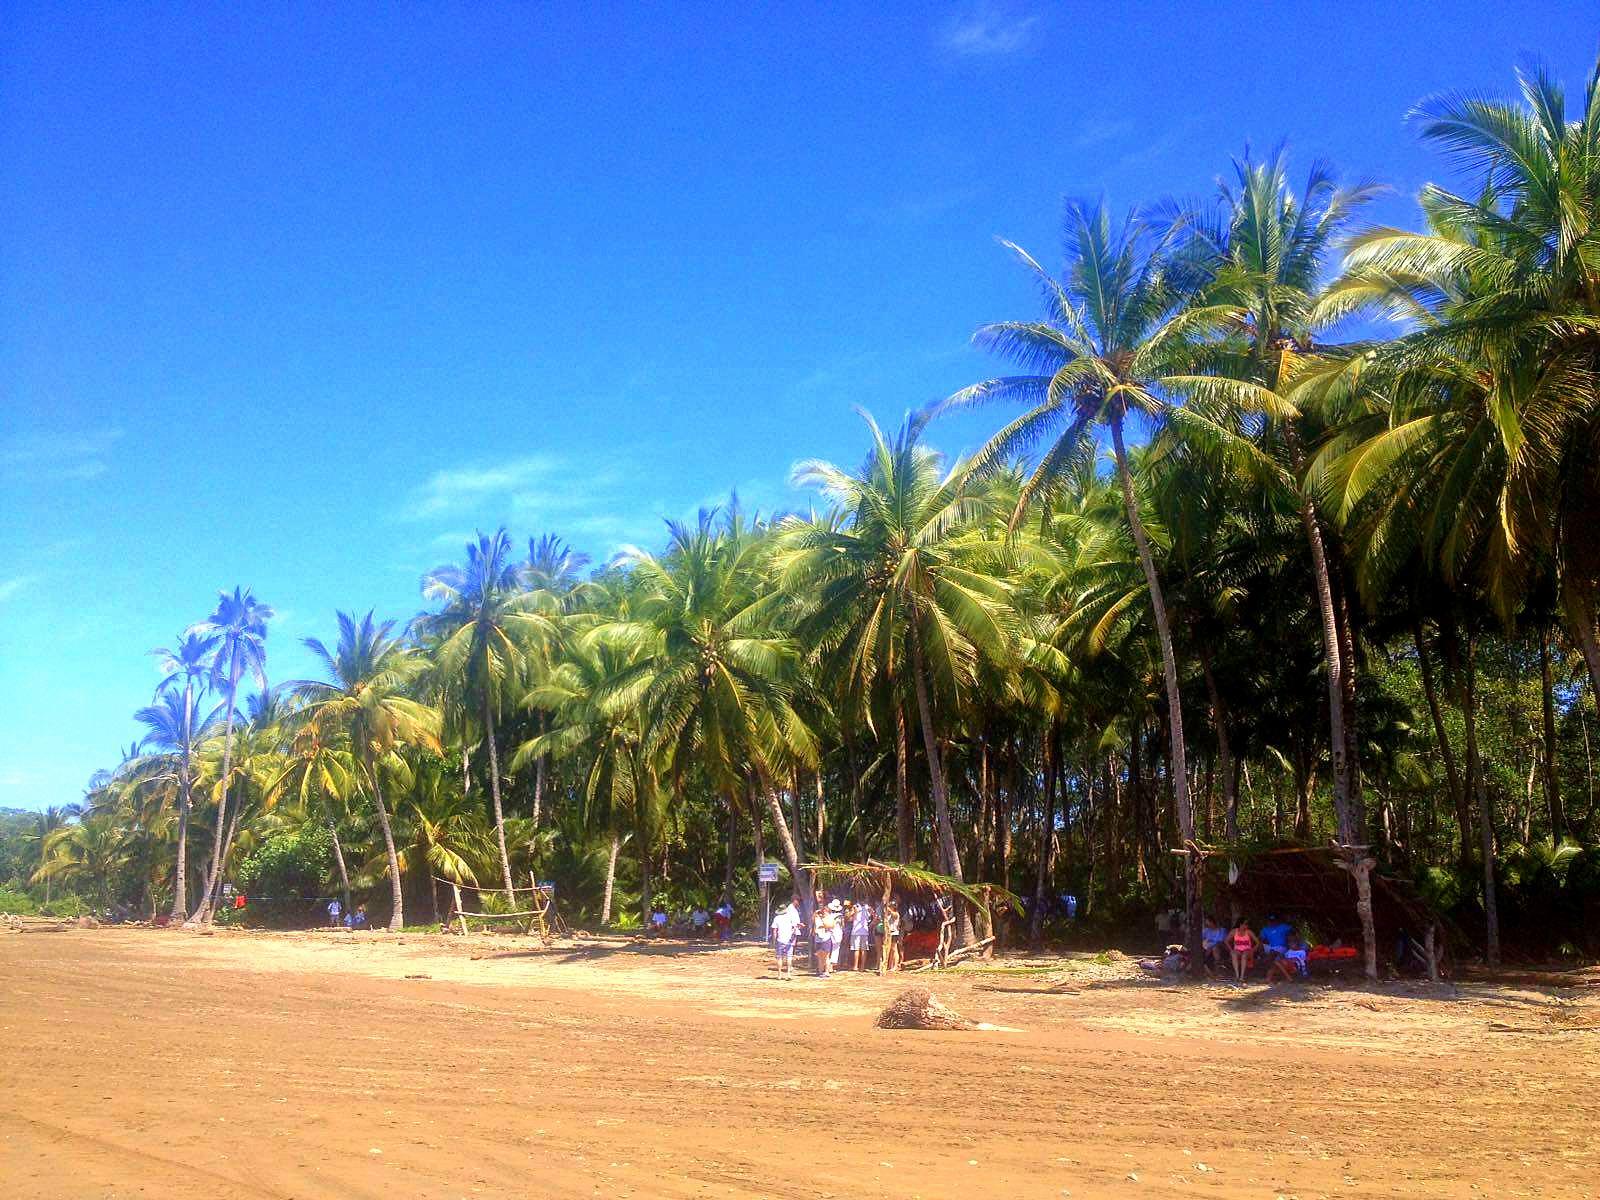 Erfahrungsbericht Costa Rica Leefke